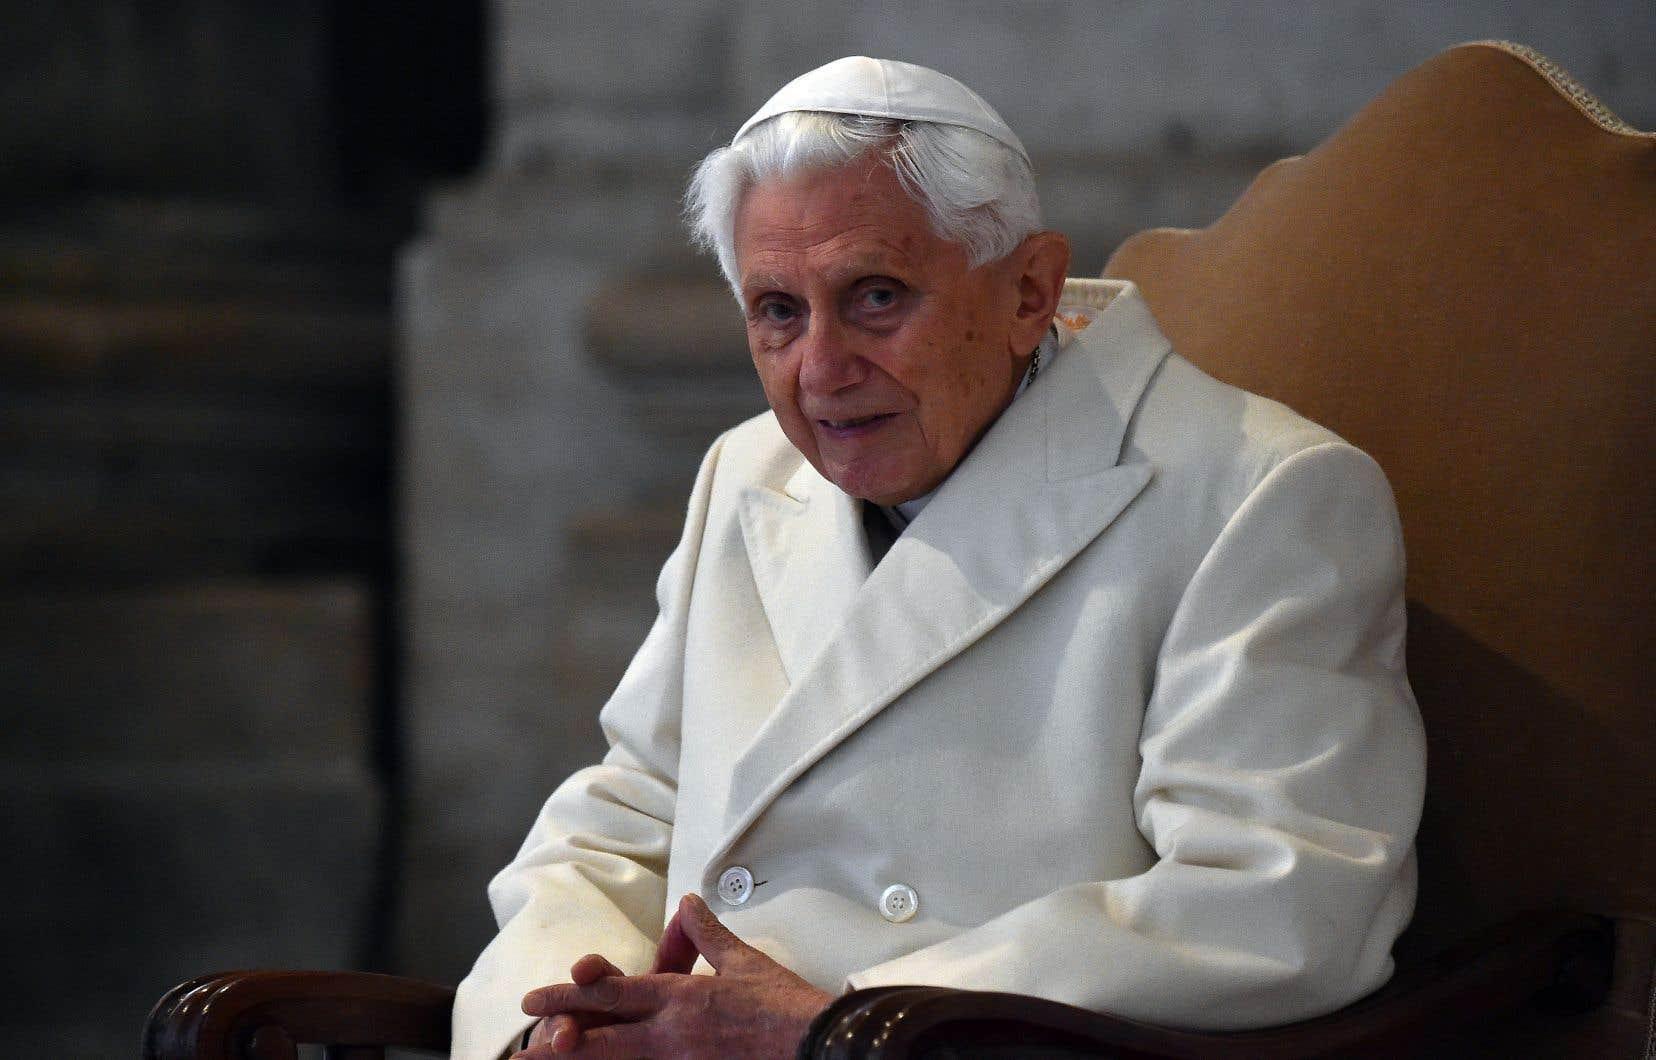 Benoît XVI mène une vie retirée dans un petit monastère au Vatican depuis sa renonciation.